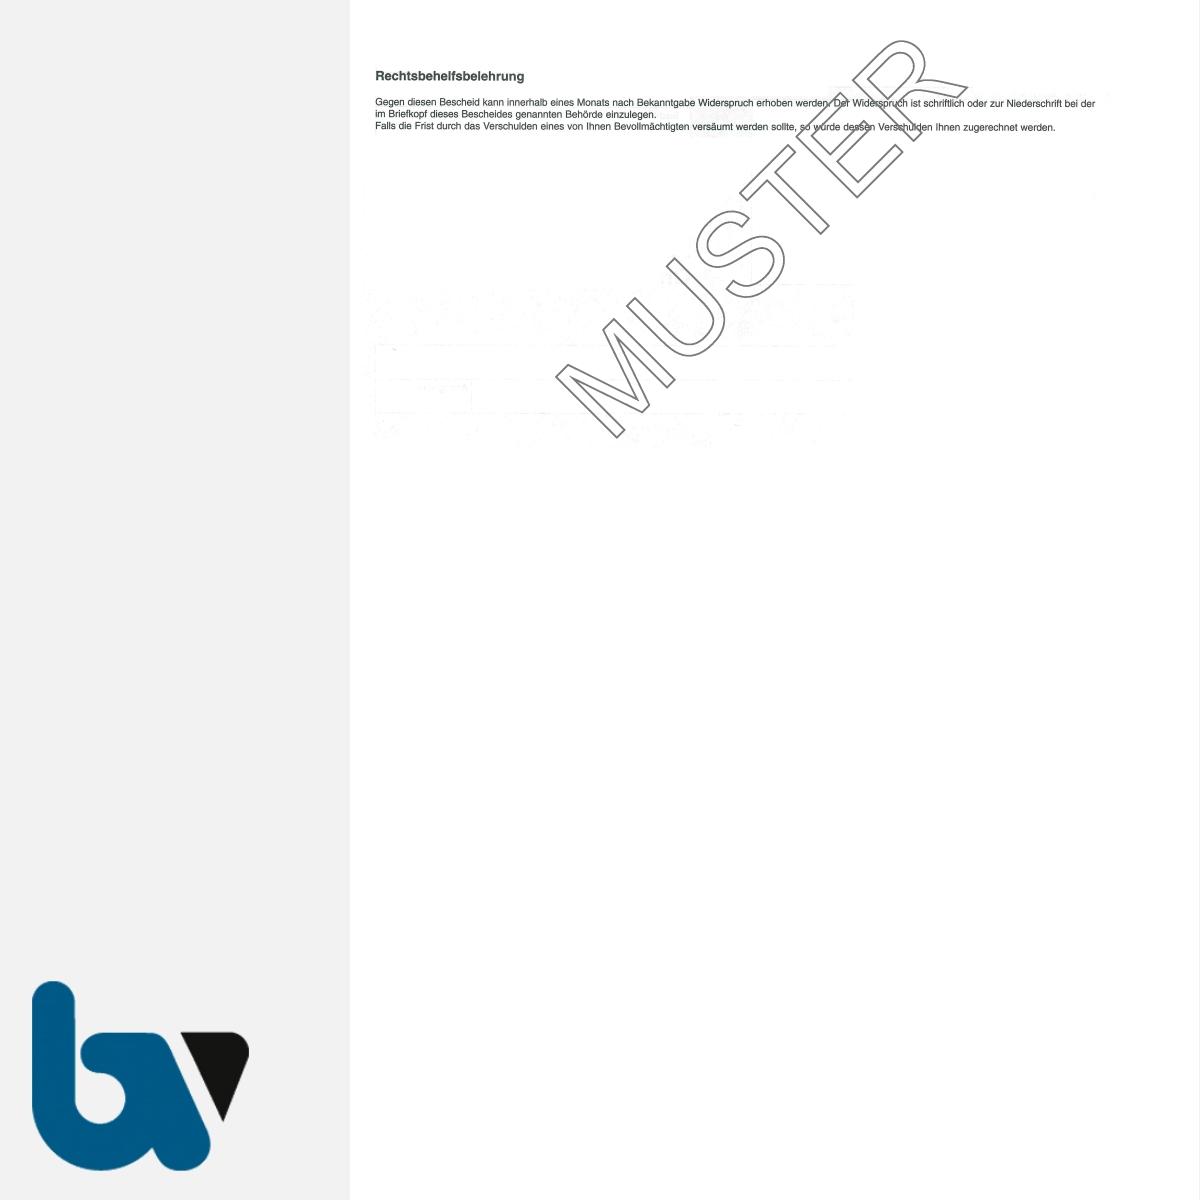 0/177-3 Genehmigung Aufstellung Grabmal Friedhof Verwaltung 3-fach selbstdurchschreibend DIN A4 Rückseite | Borgard Verlag GmbH